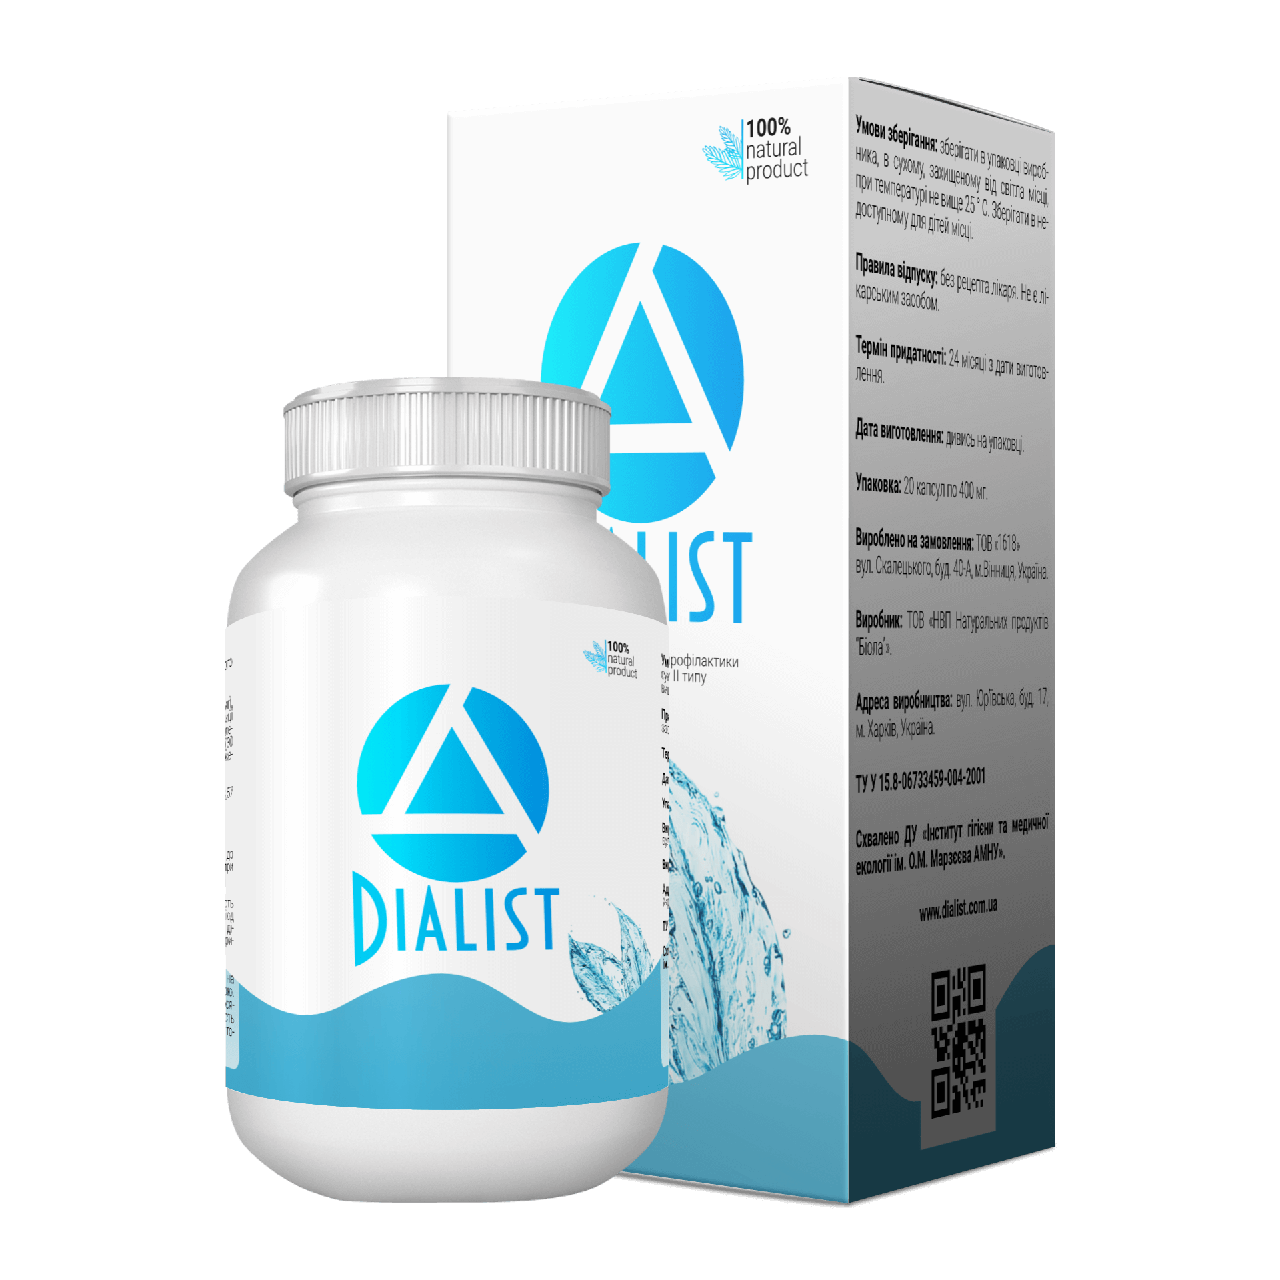 DIALIST натуральное от диабета в Константиновке